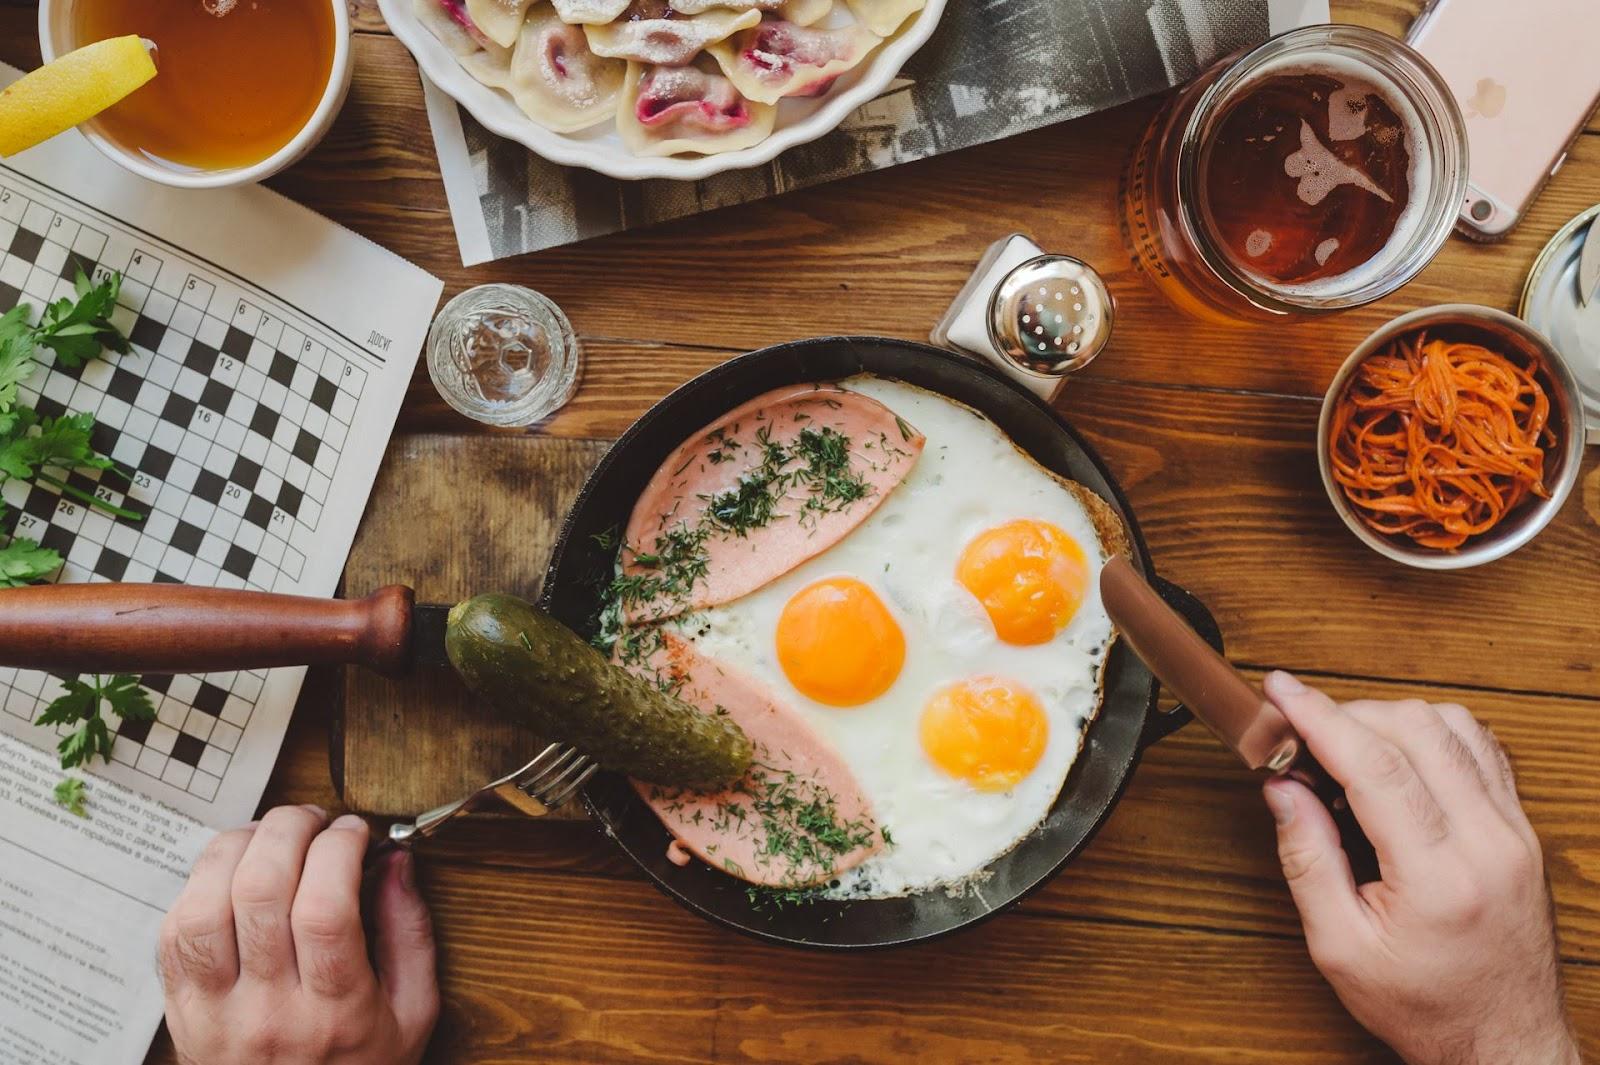 Глазунья с докторской – чисто студенческий завтрак, который не нуждается в представлении.